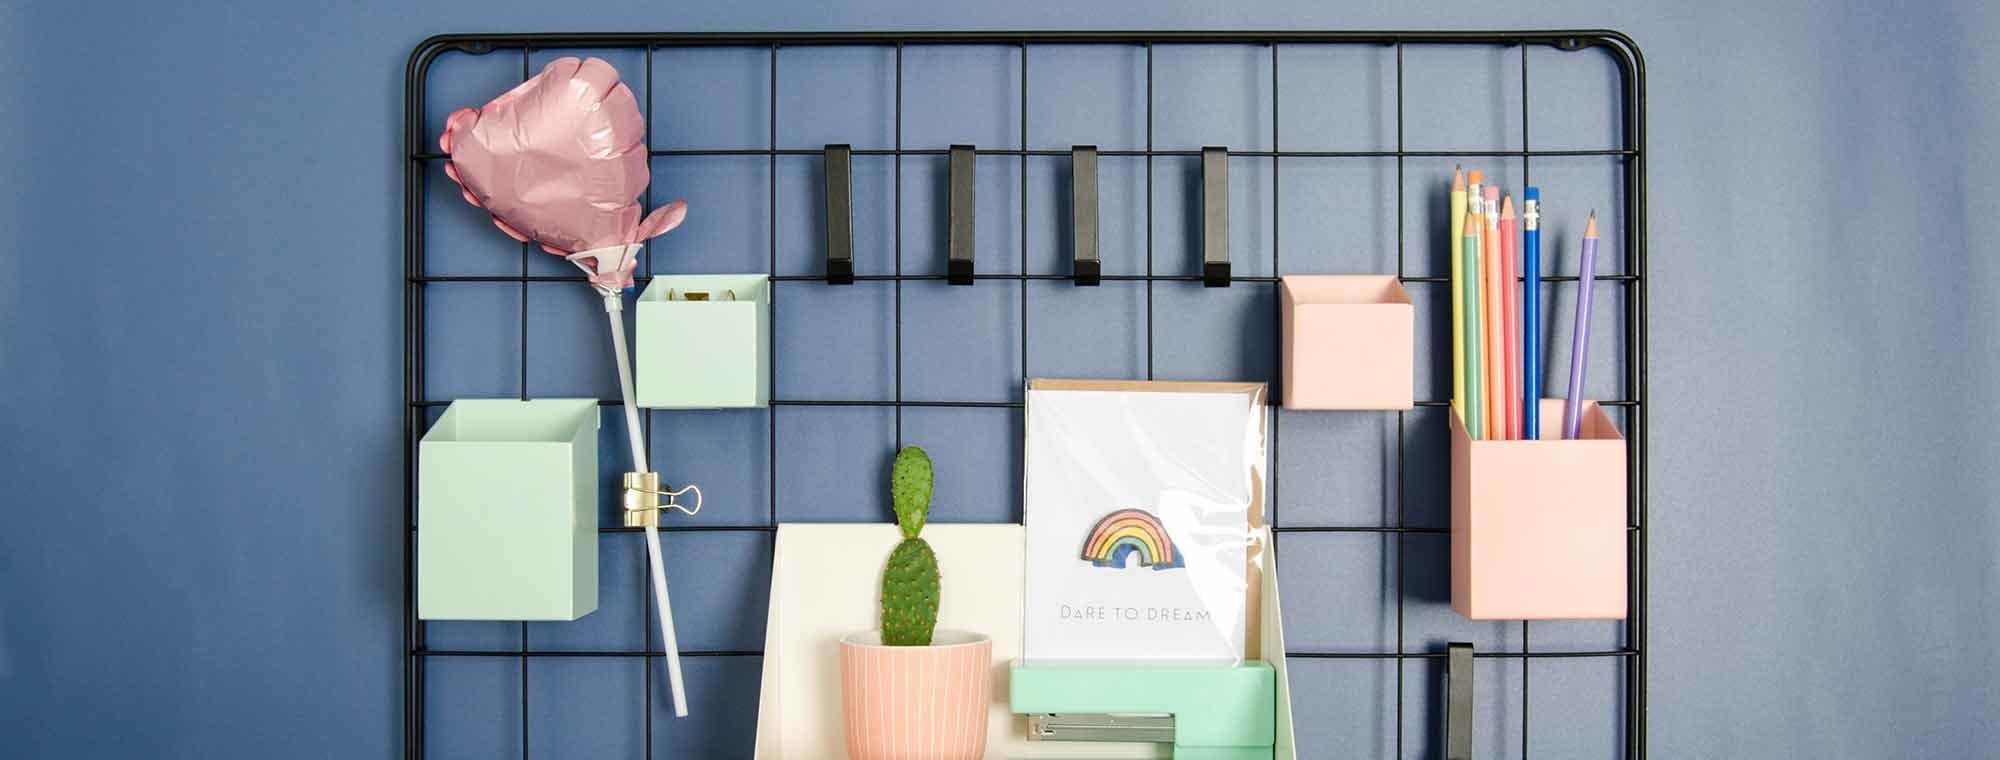 Förvaring - Snygg förvaring & inredning online - Lagerhaus on